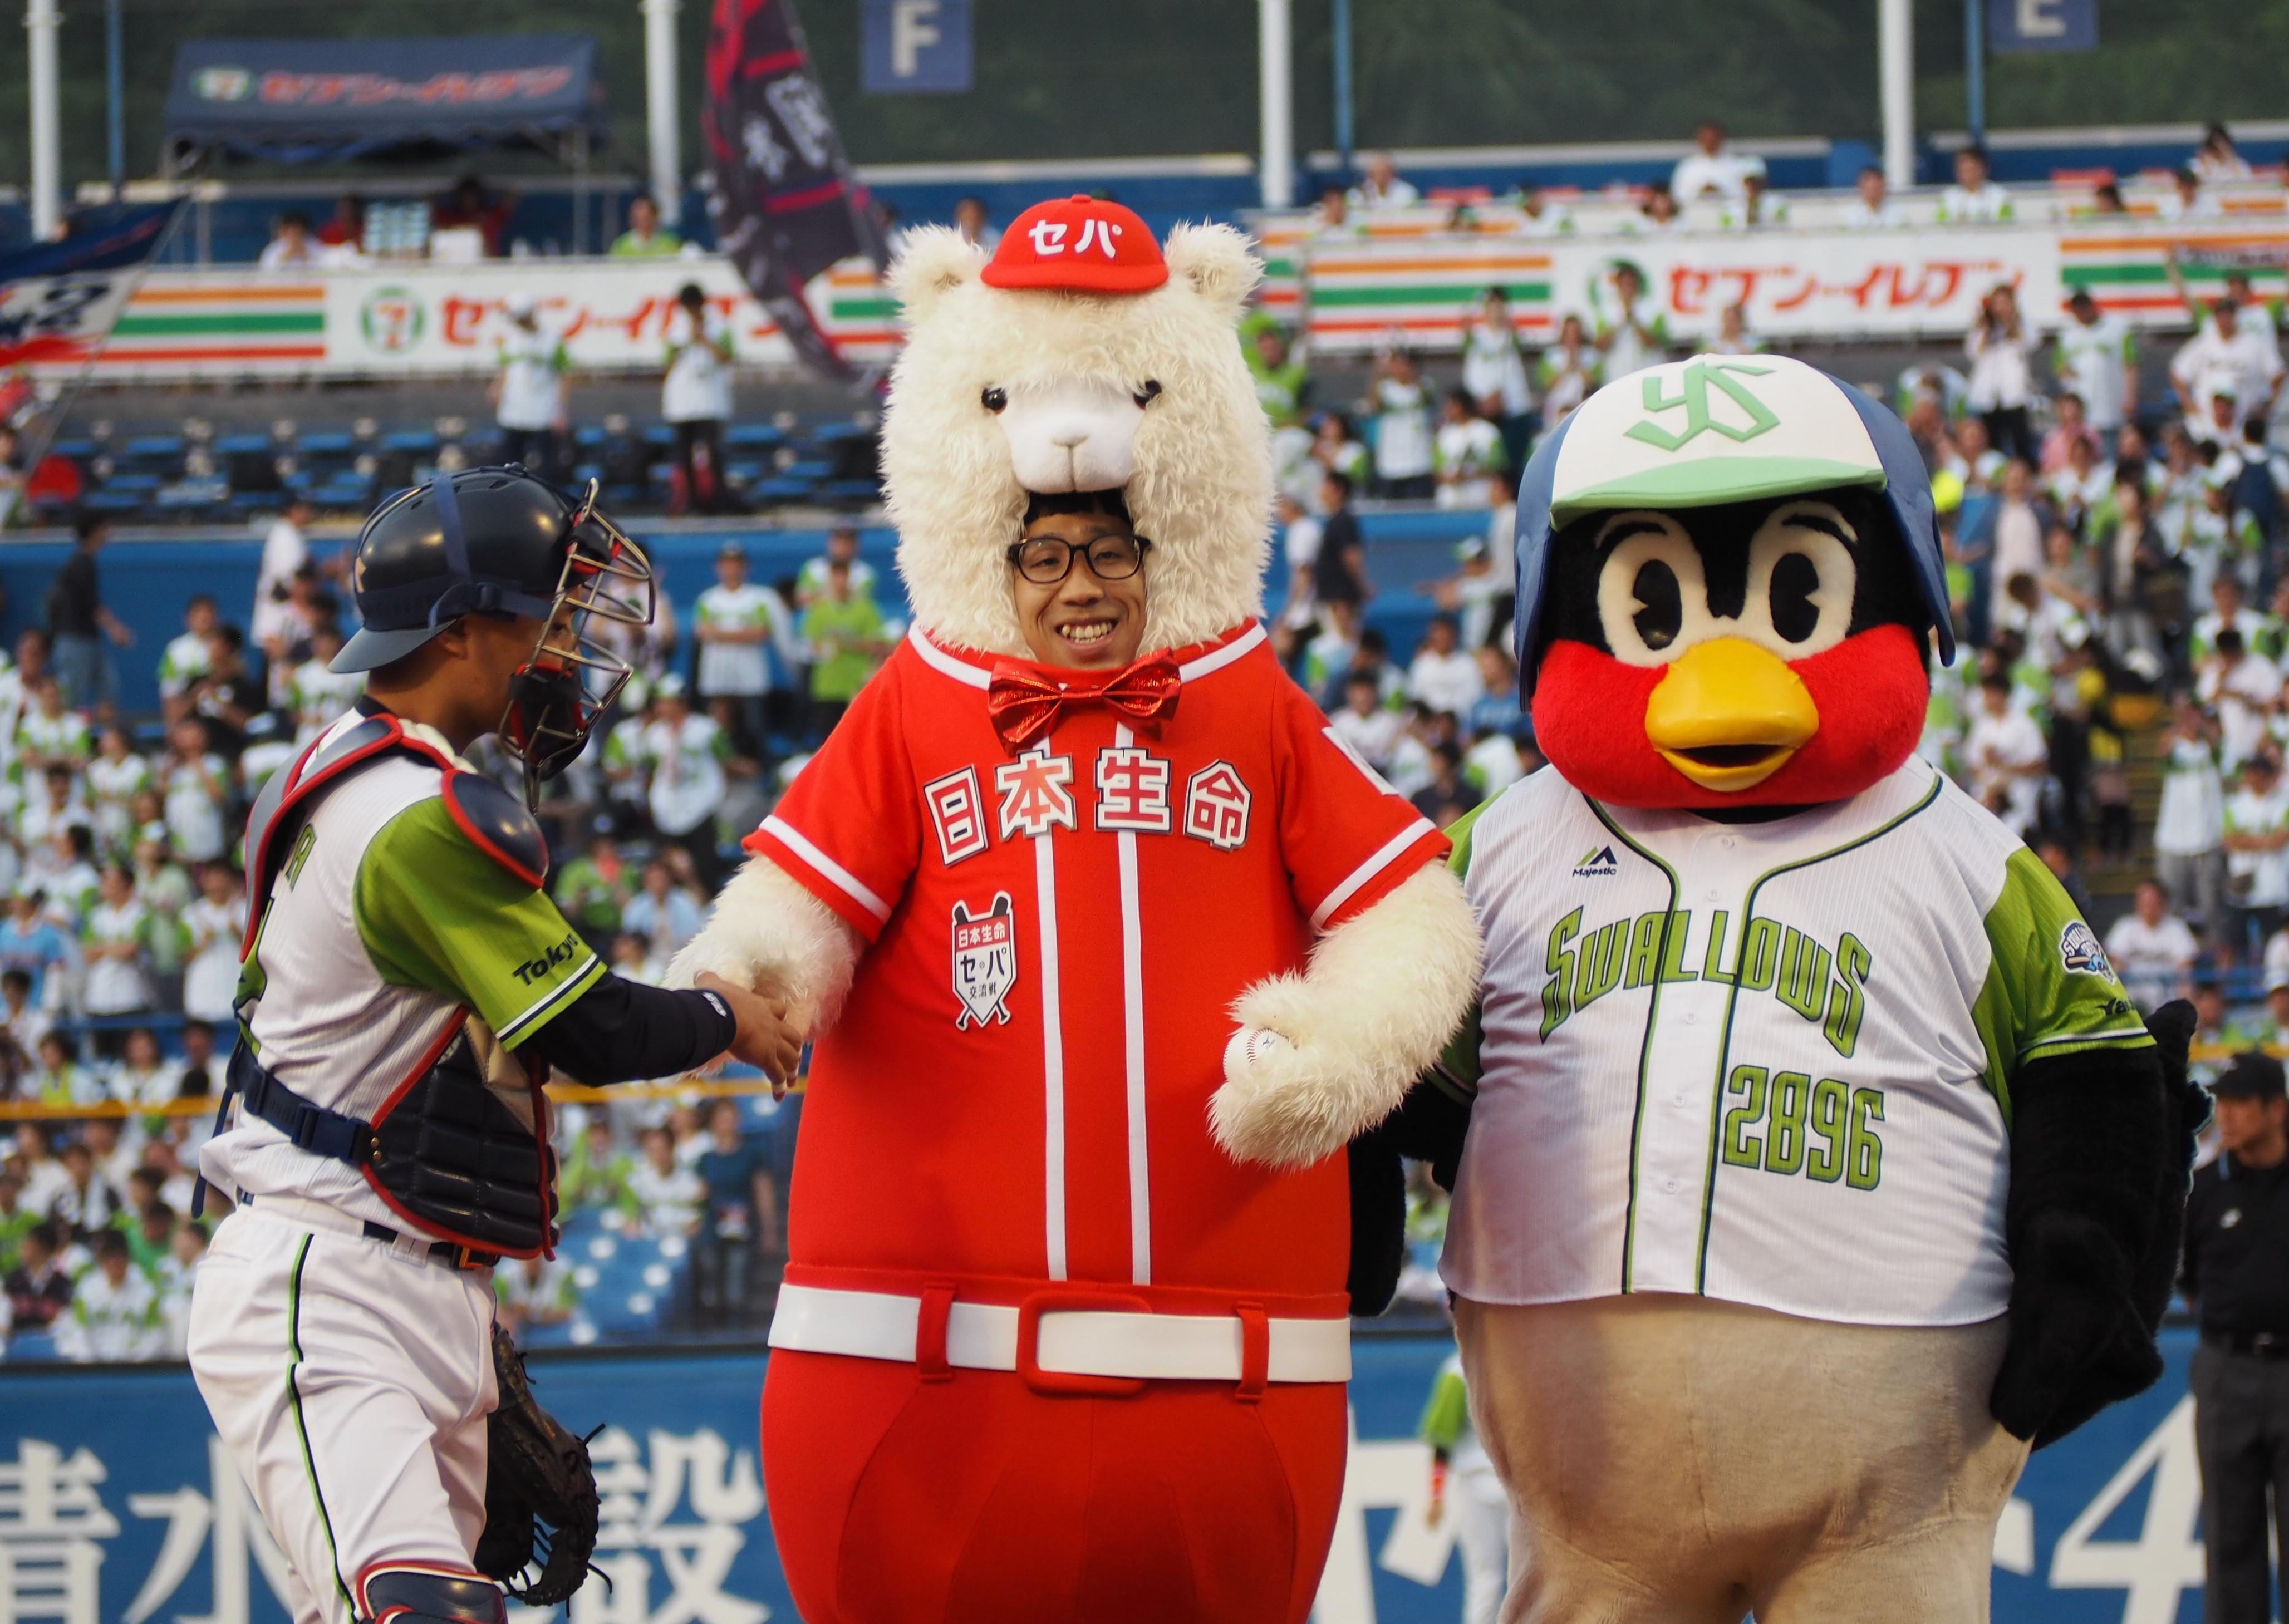 http://news.yoshimoto.co.jp/20180530065427-7726e7ab70c5bc9c5a904e5d4189d81cb6613926.jpg